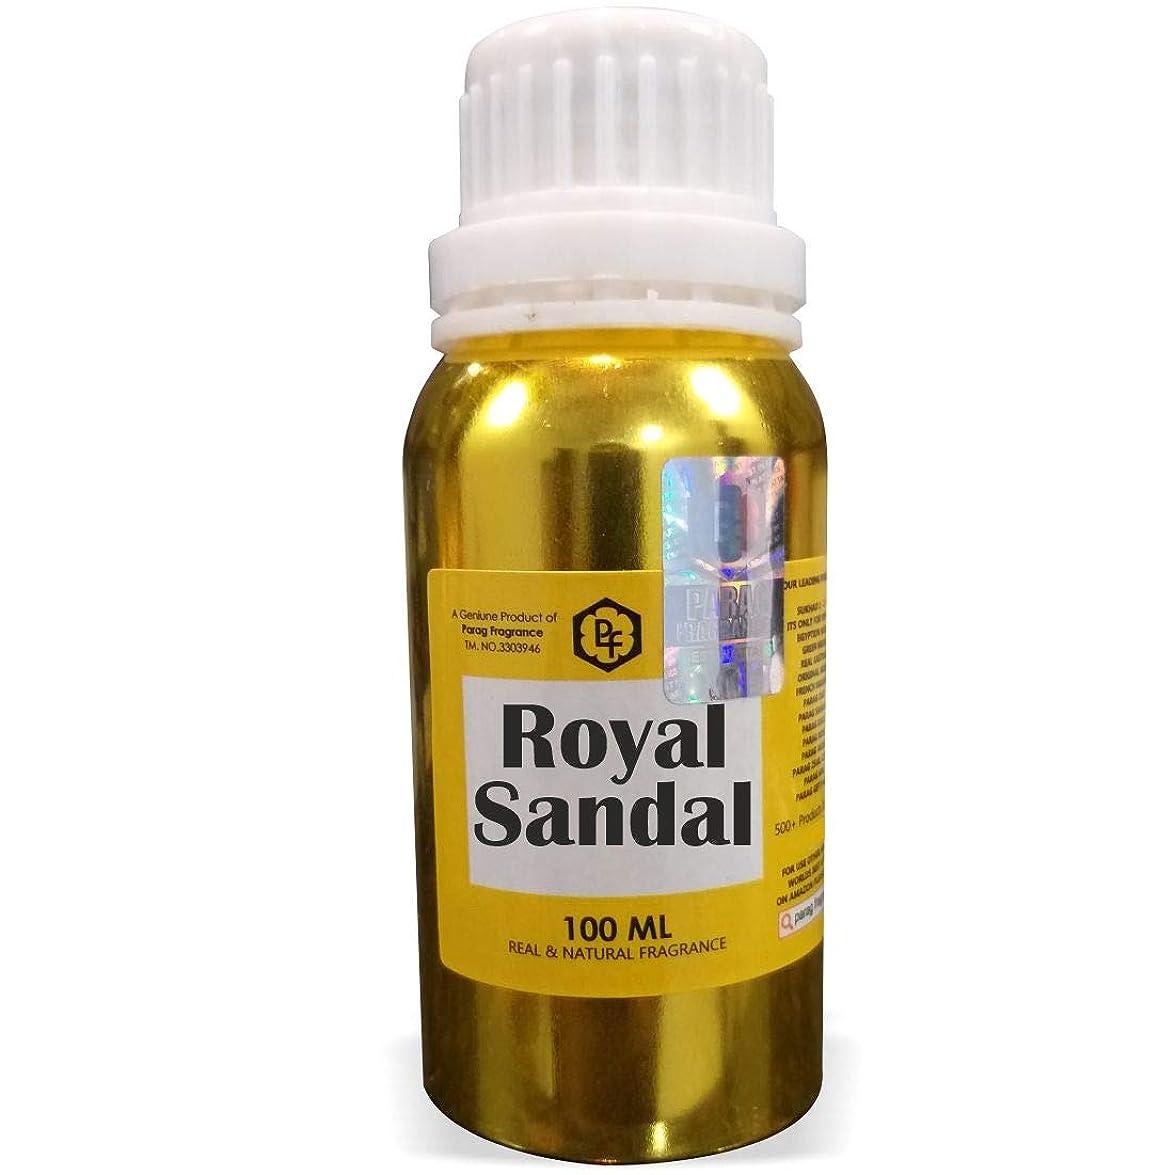 美容師破滅勇敢なParagフレグランスロイヤルサンダルアター100ミリリットル(男性用アルコールフリーアター)香油| 香り| ITRA